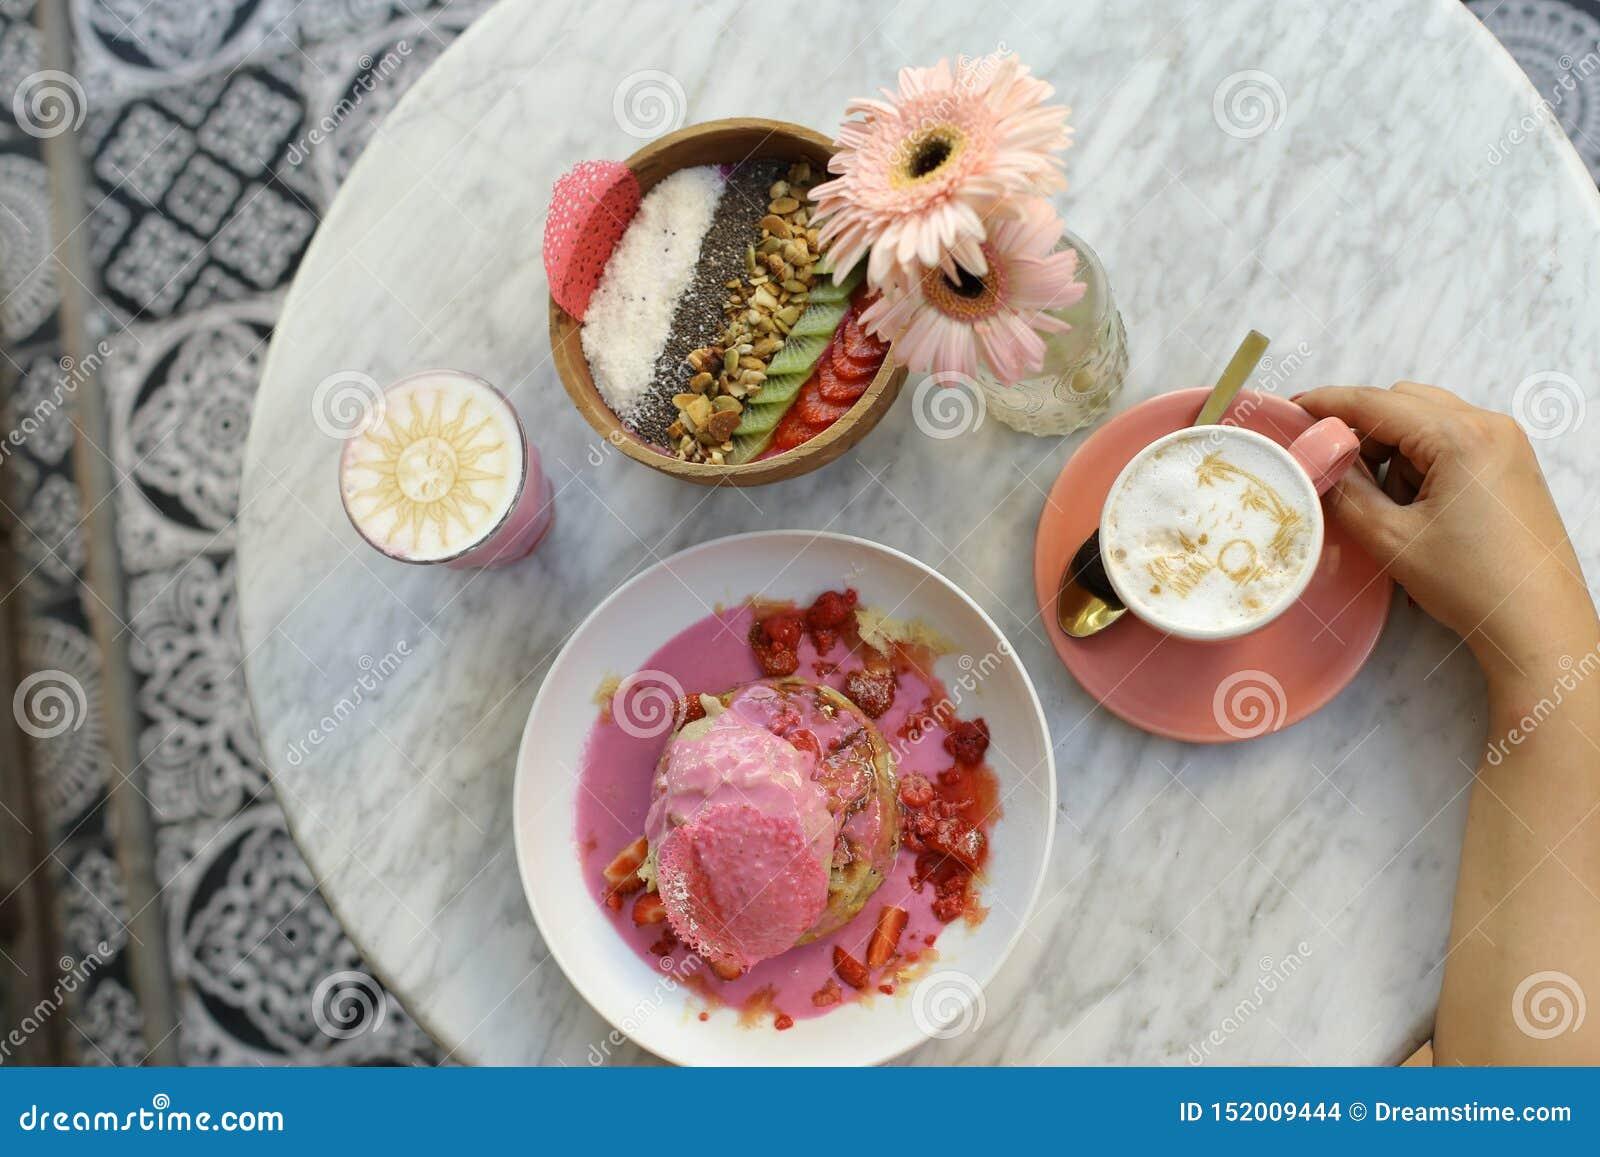 健康早餐在旅馆里,巴厘岛